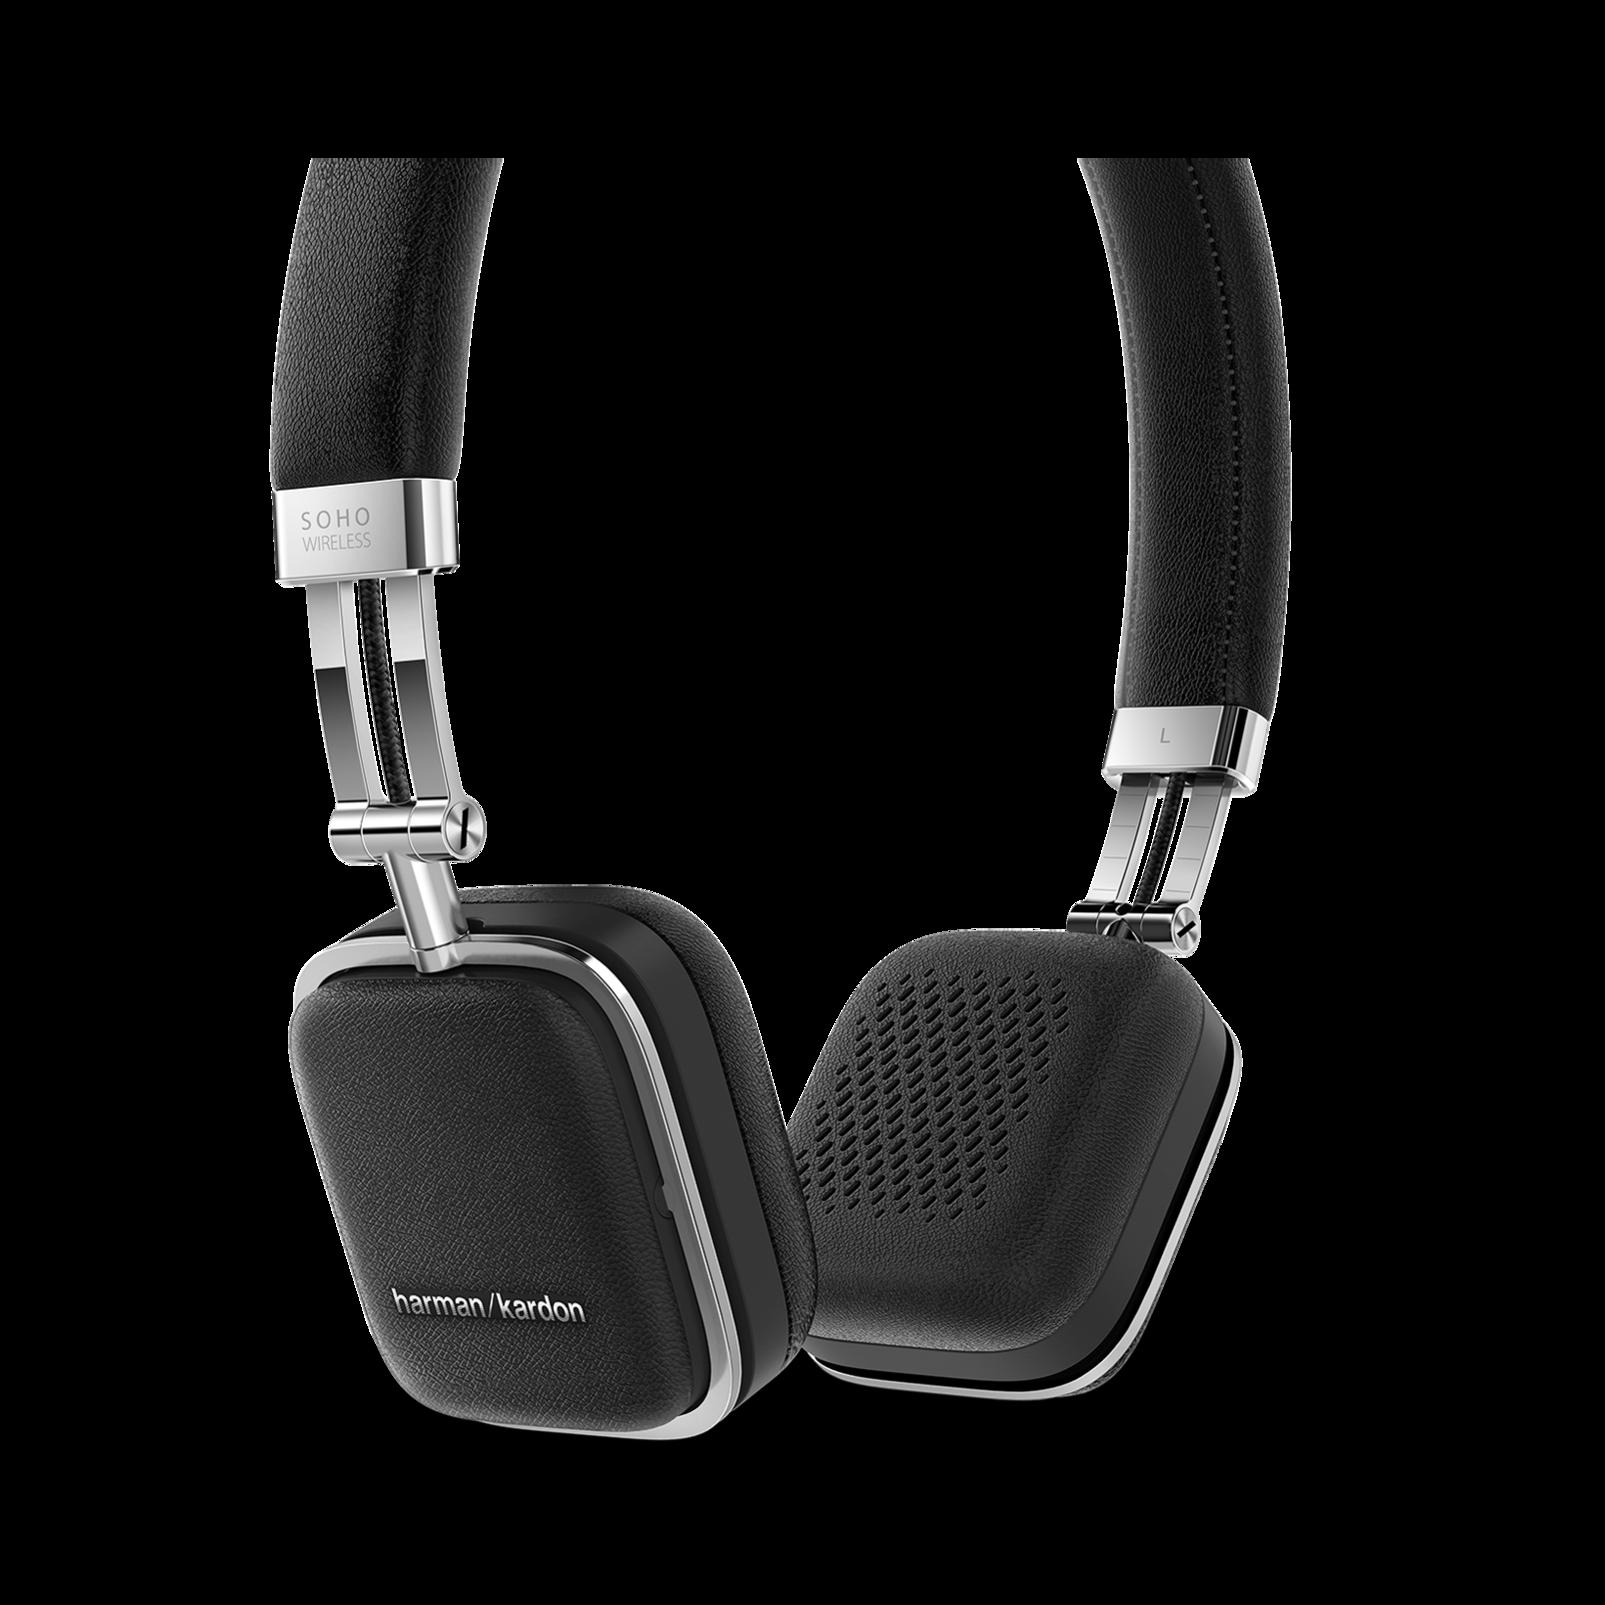 Soho Wireless